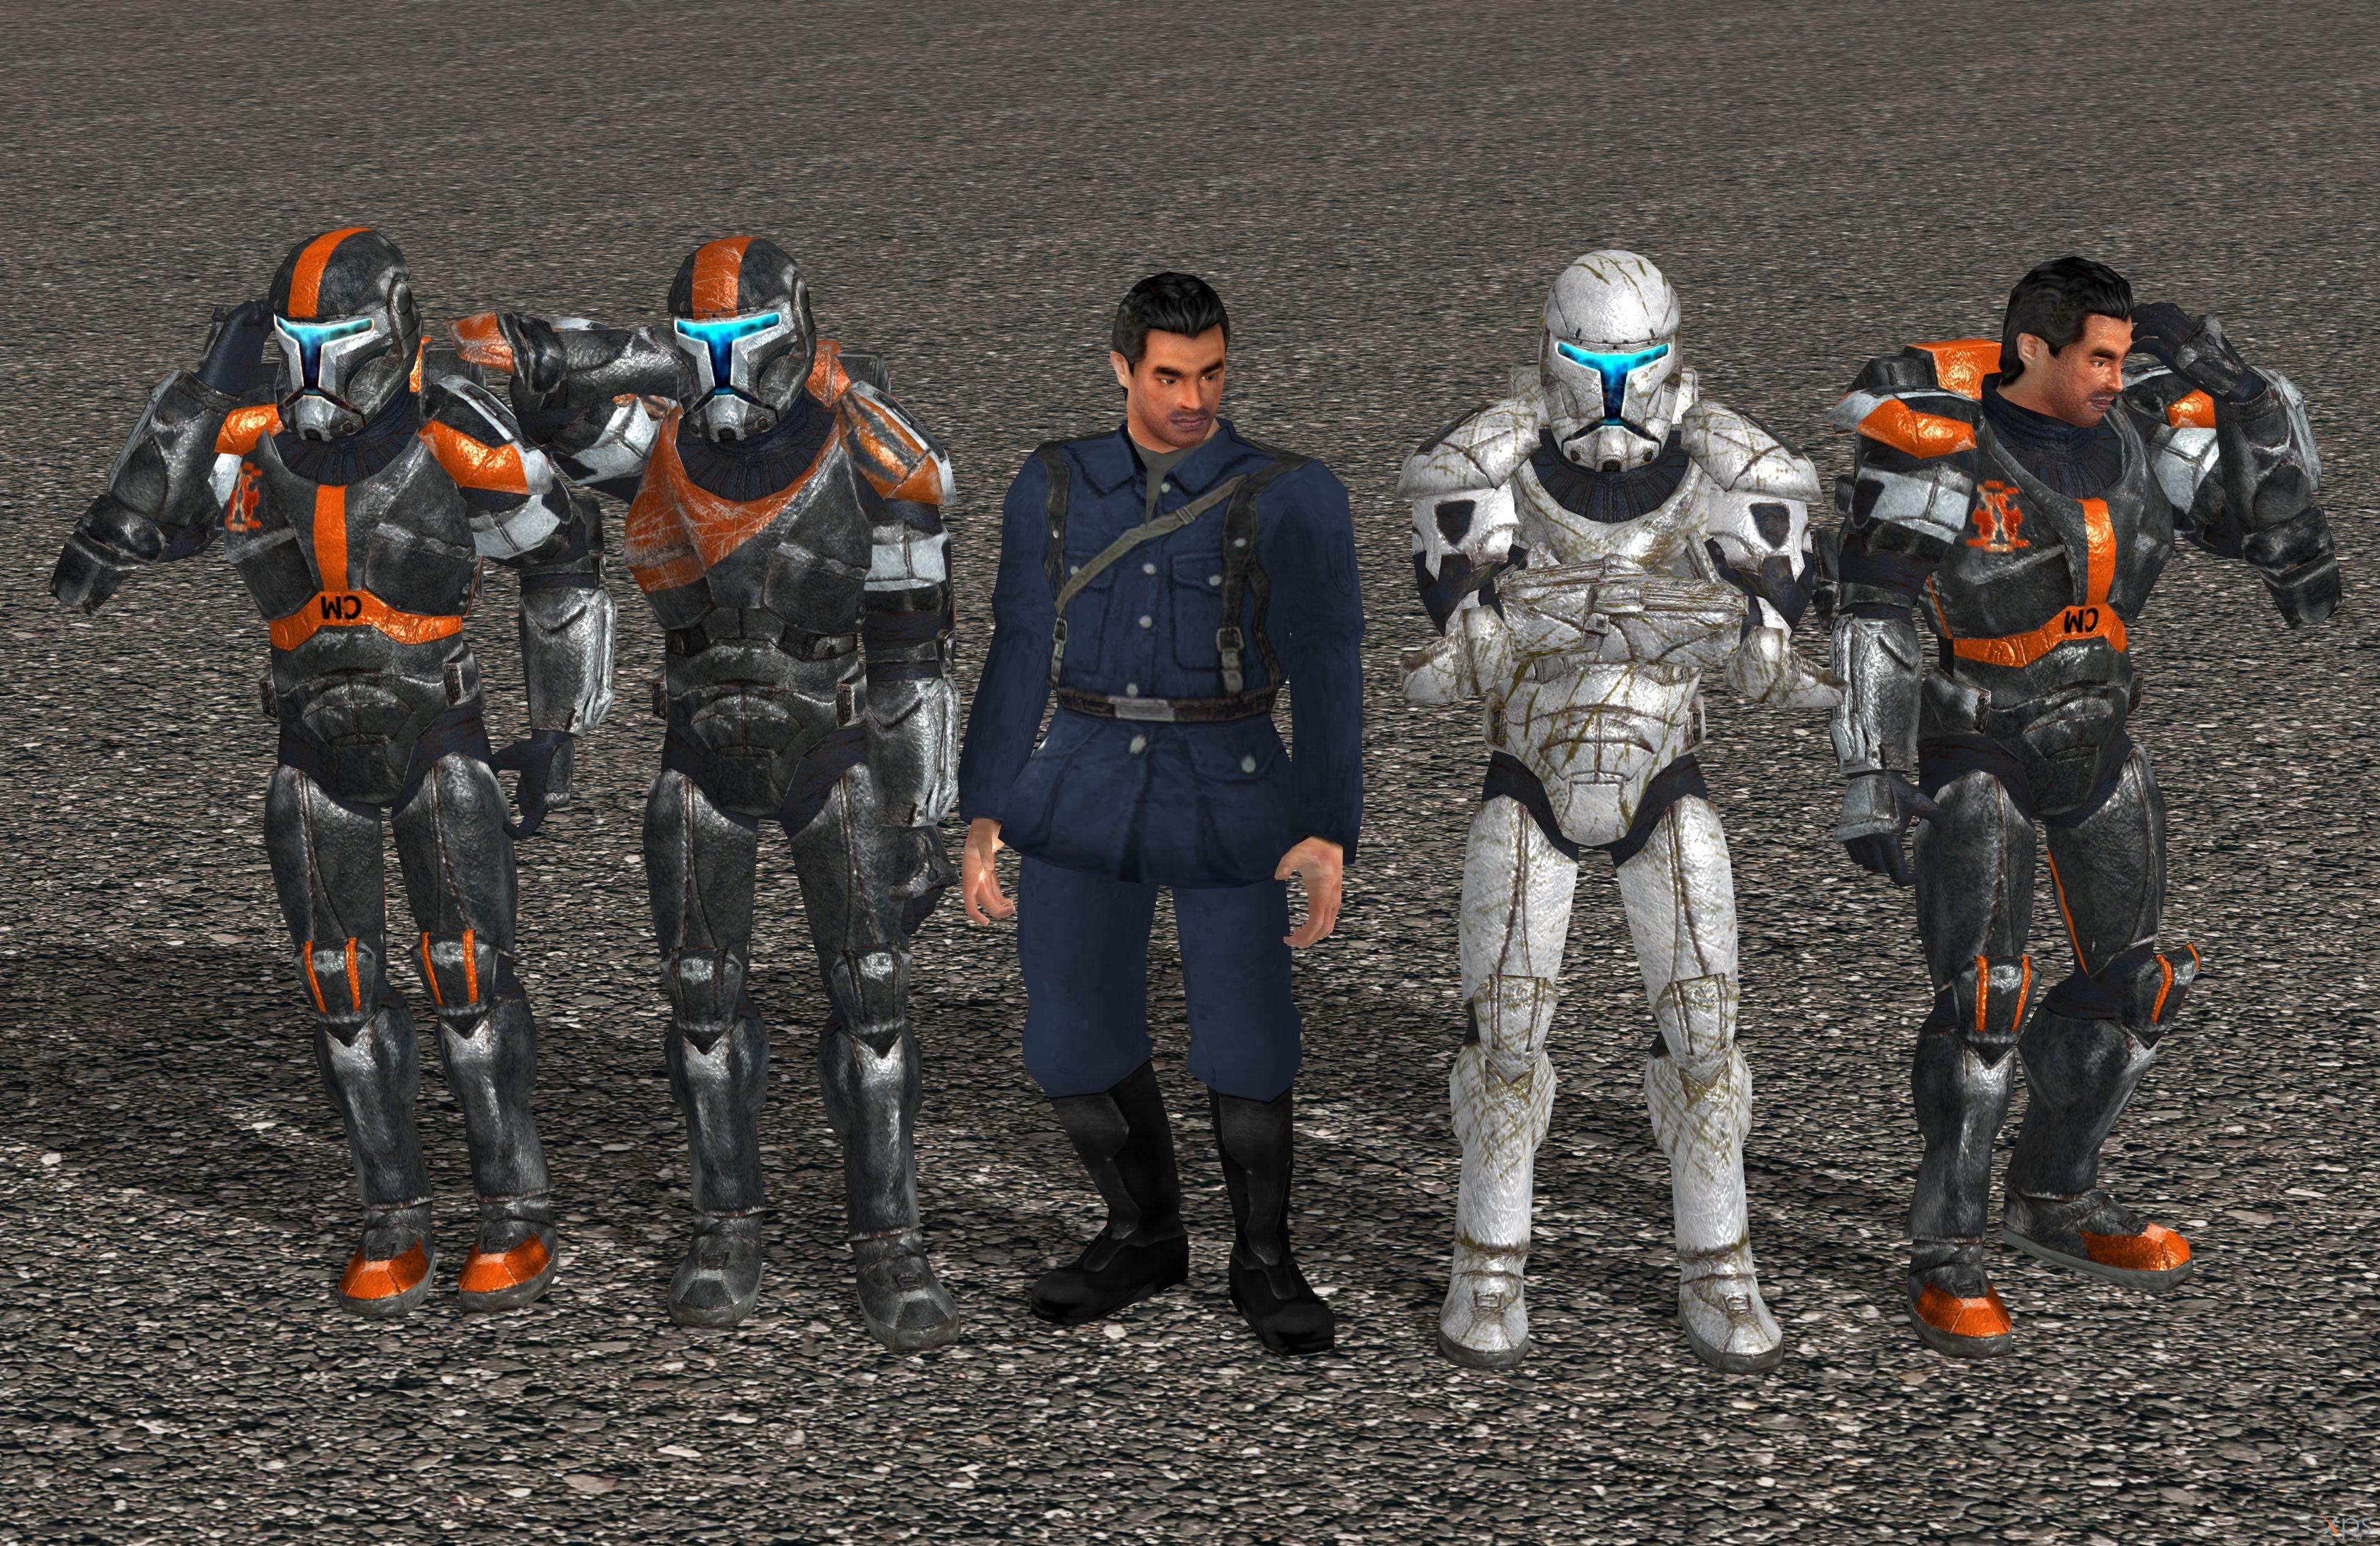 star wars republic commando 2 free download full version pc